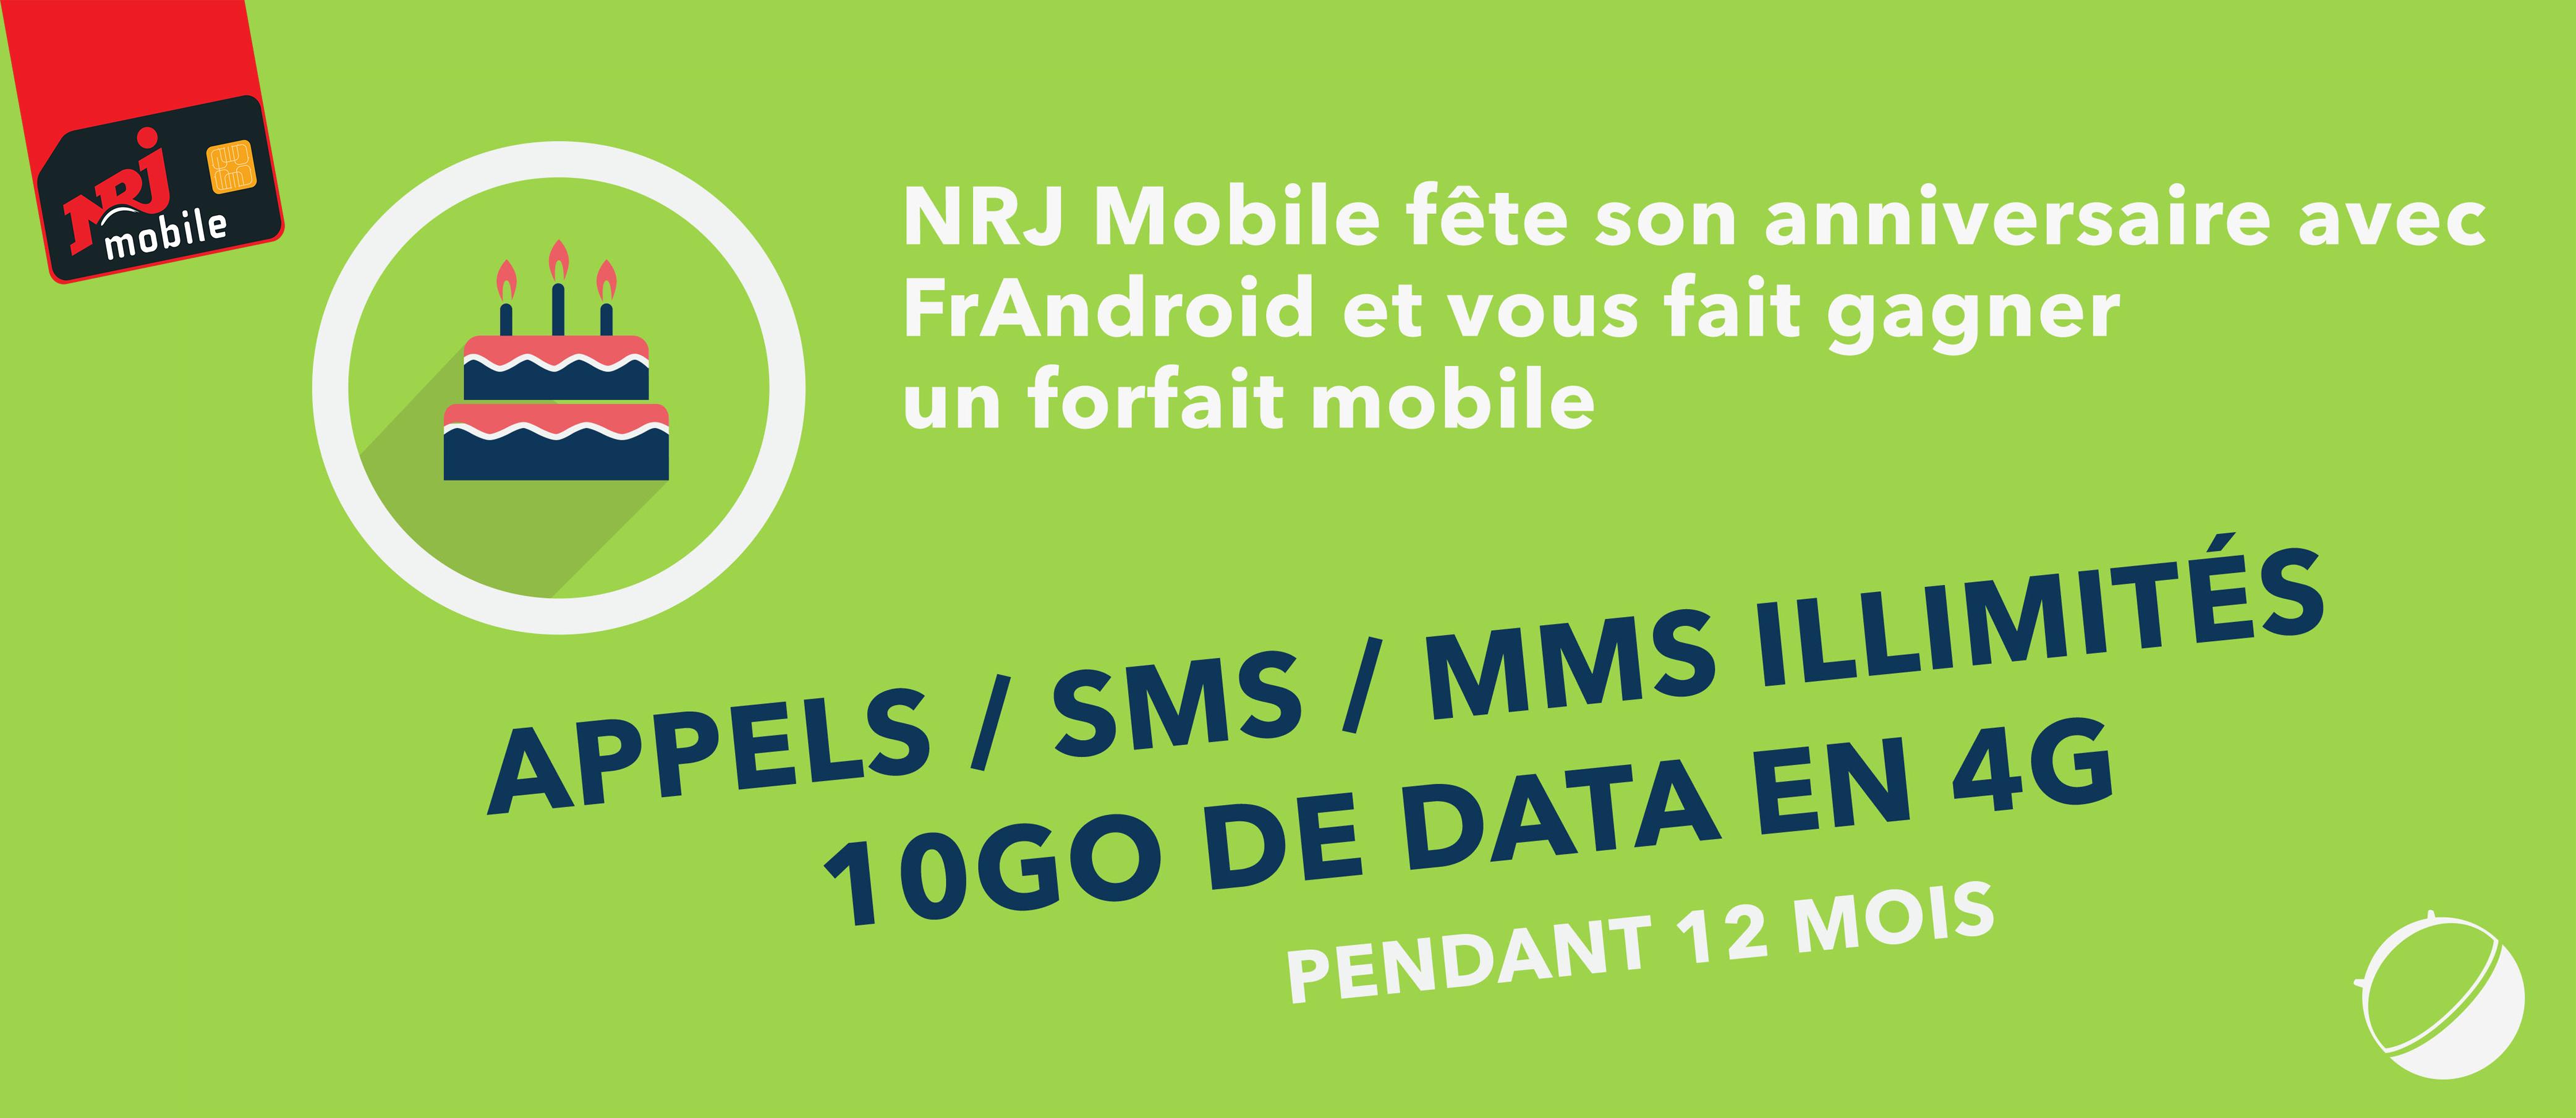 Concours : NRJ Mobile fête ses 10 ans et vous offre 1 an de forfait